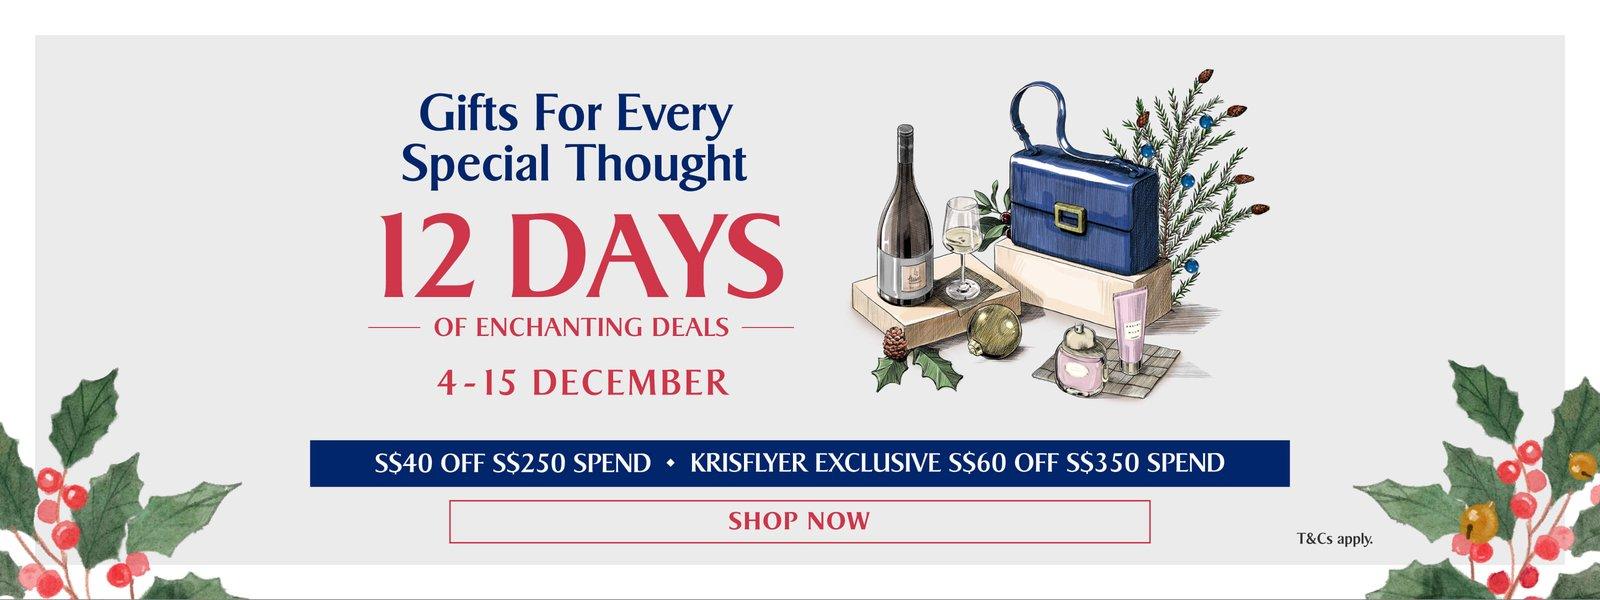 KrisShop.com 12 Days of Enchanting Deals